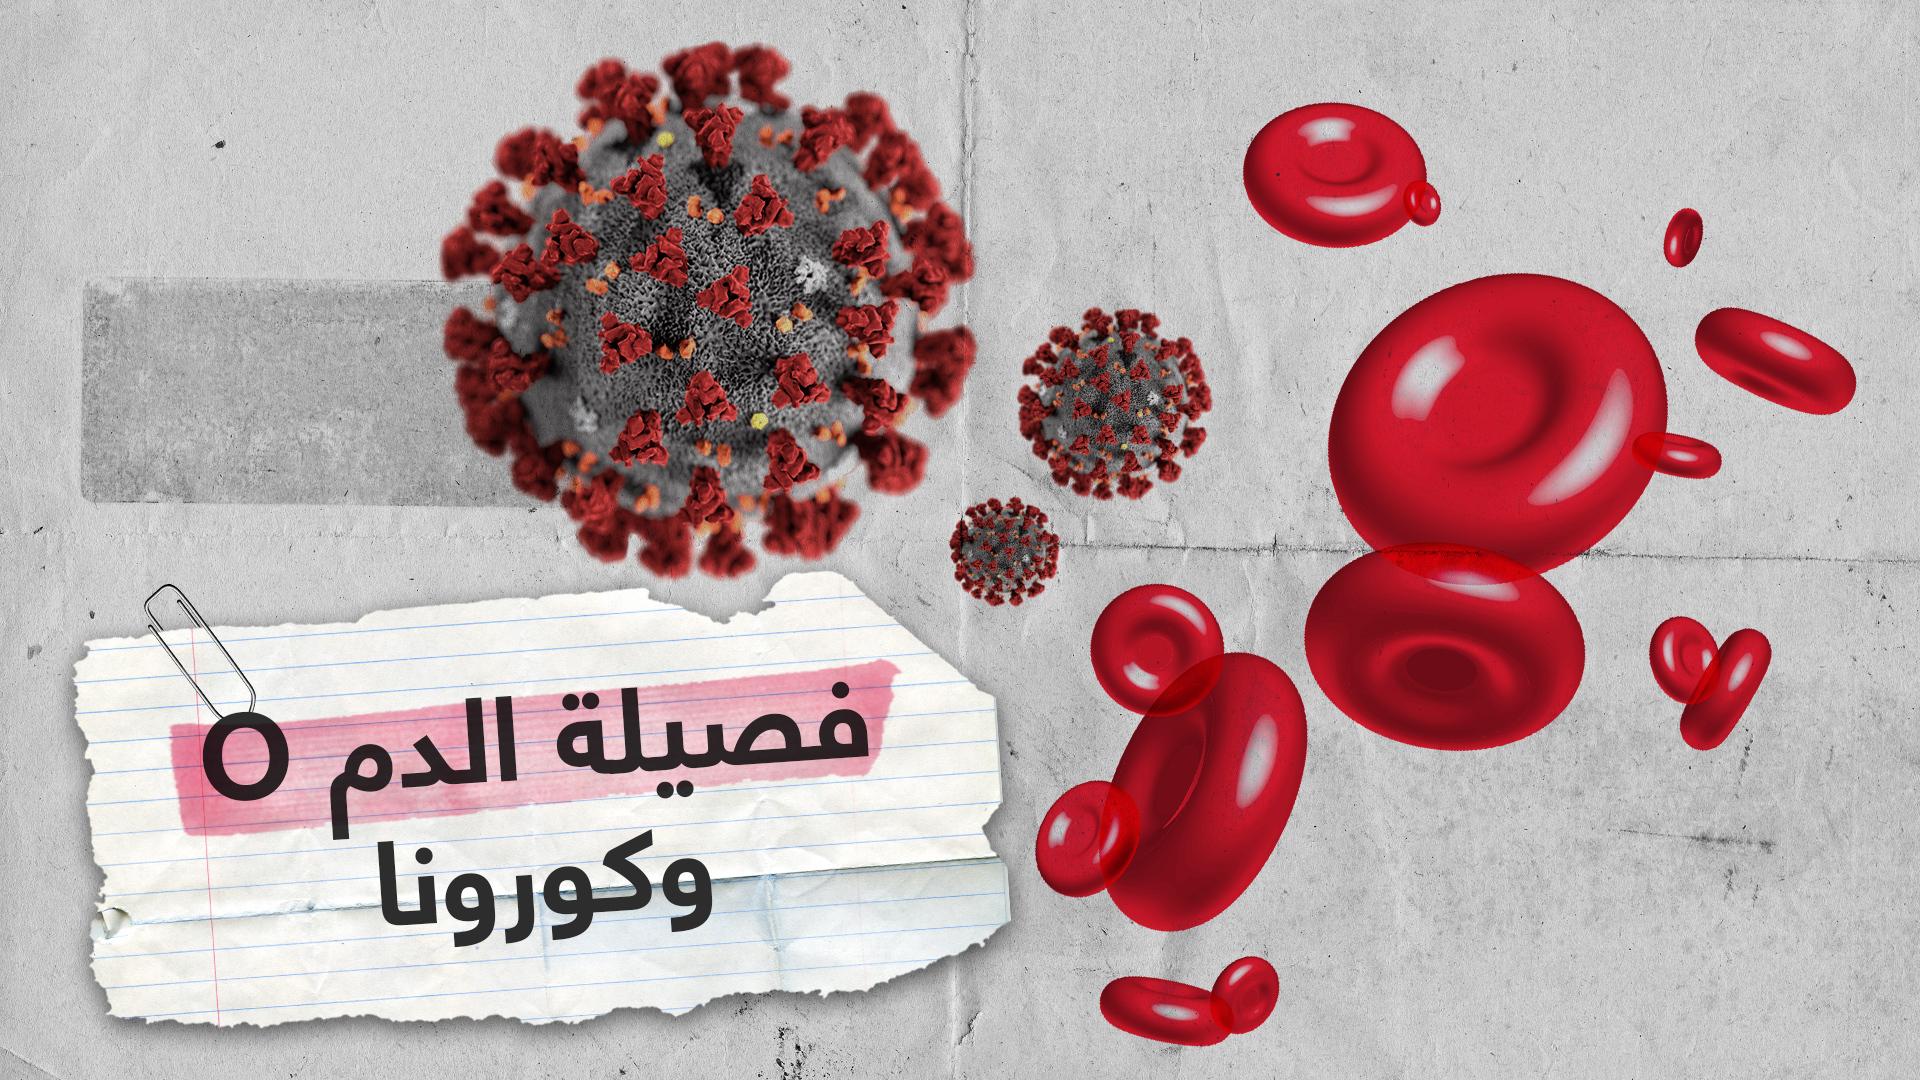 هل أصحاب فصيلة الدم O أقل عرضة للإصابة بكورونا؟